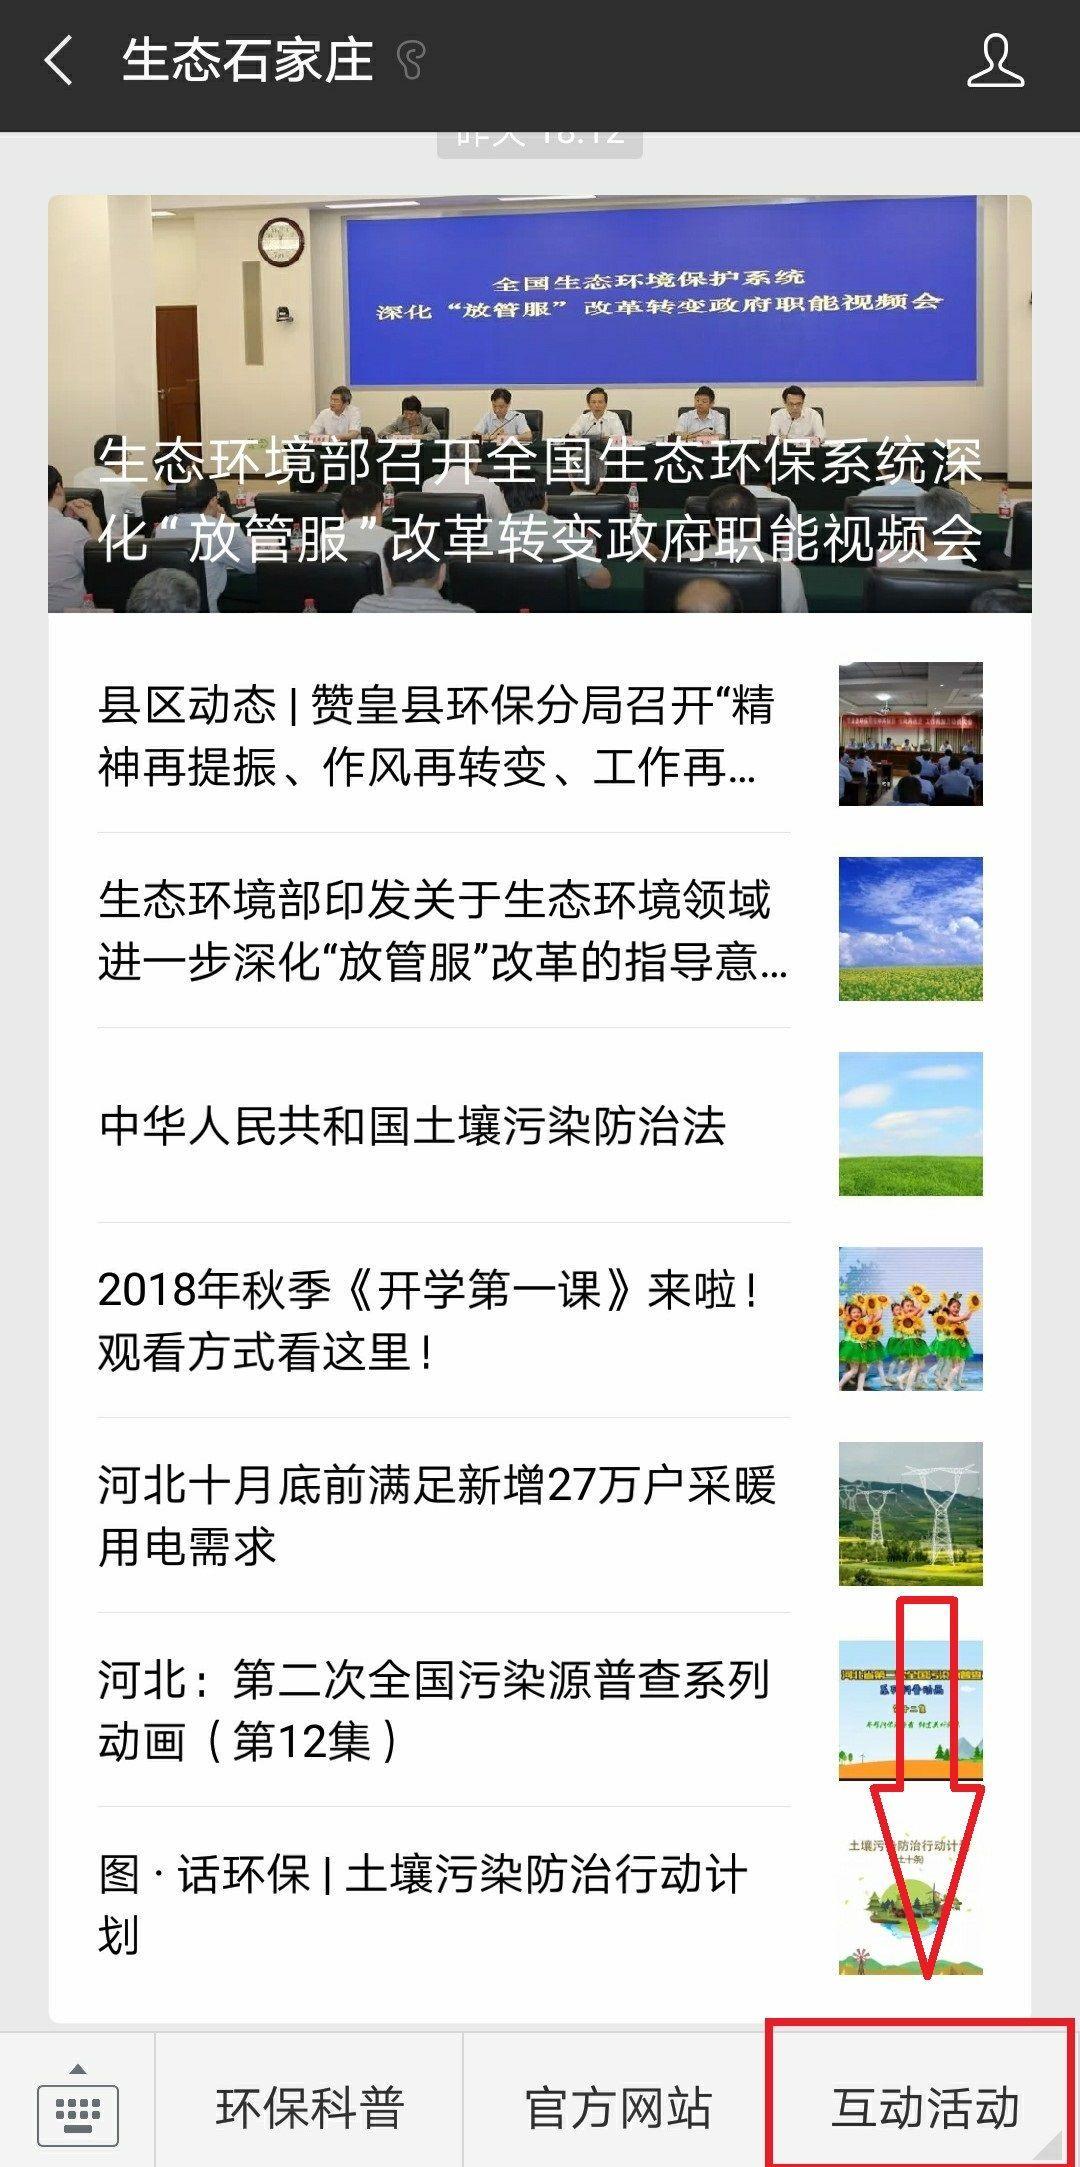 银行创新金点子--范文中国网